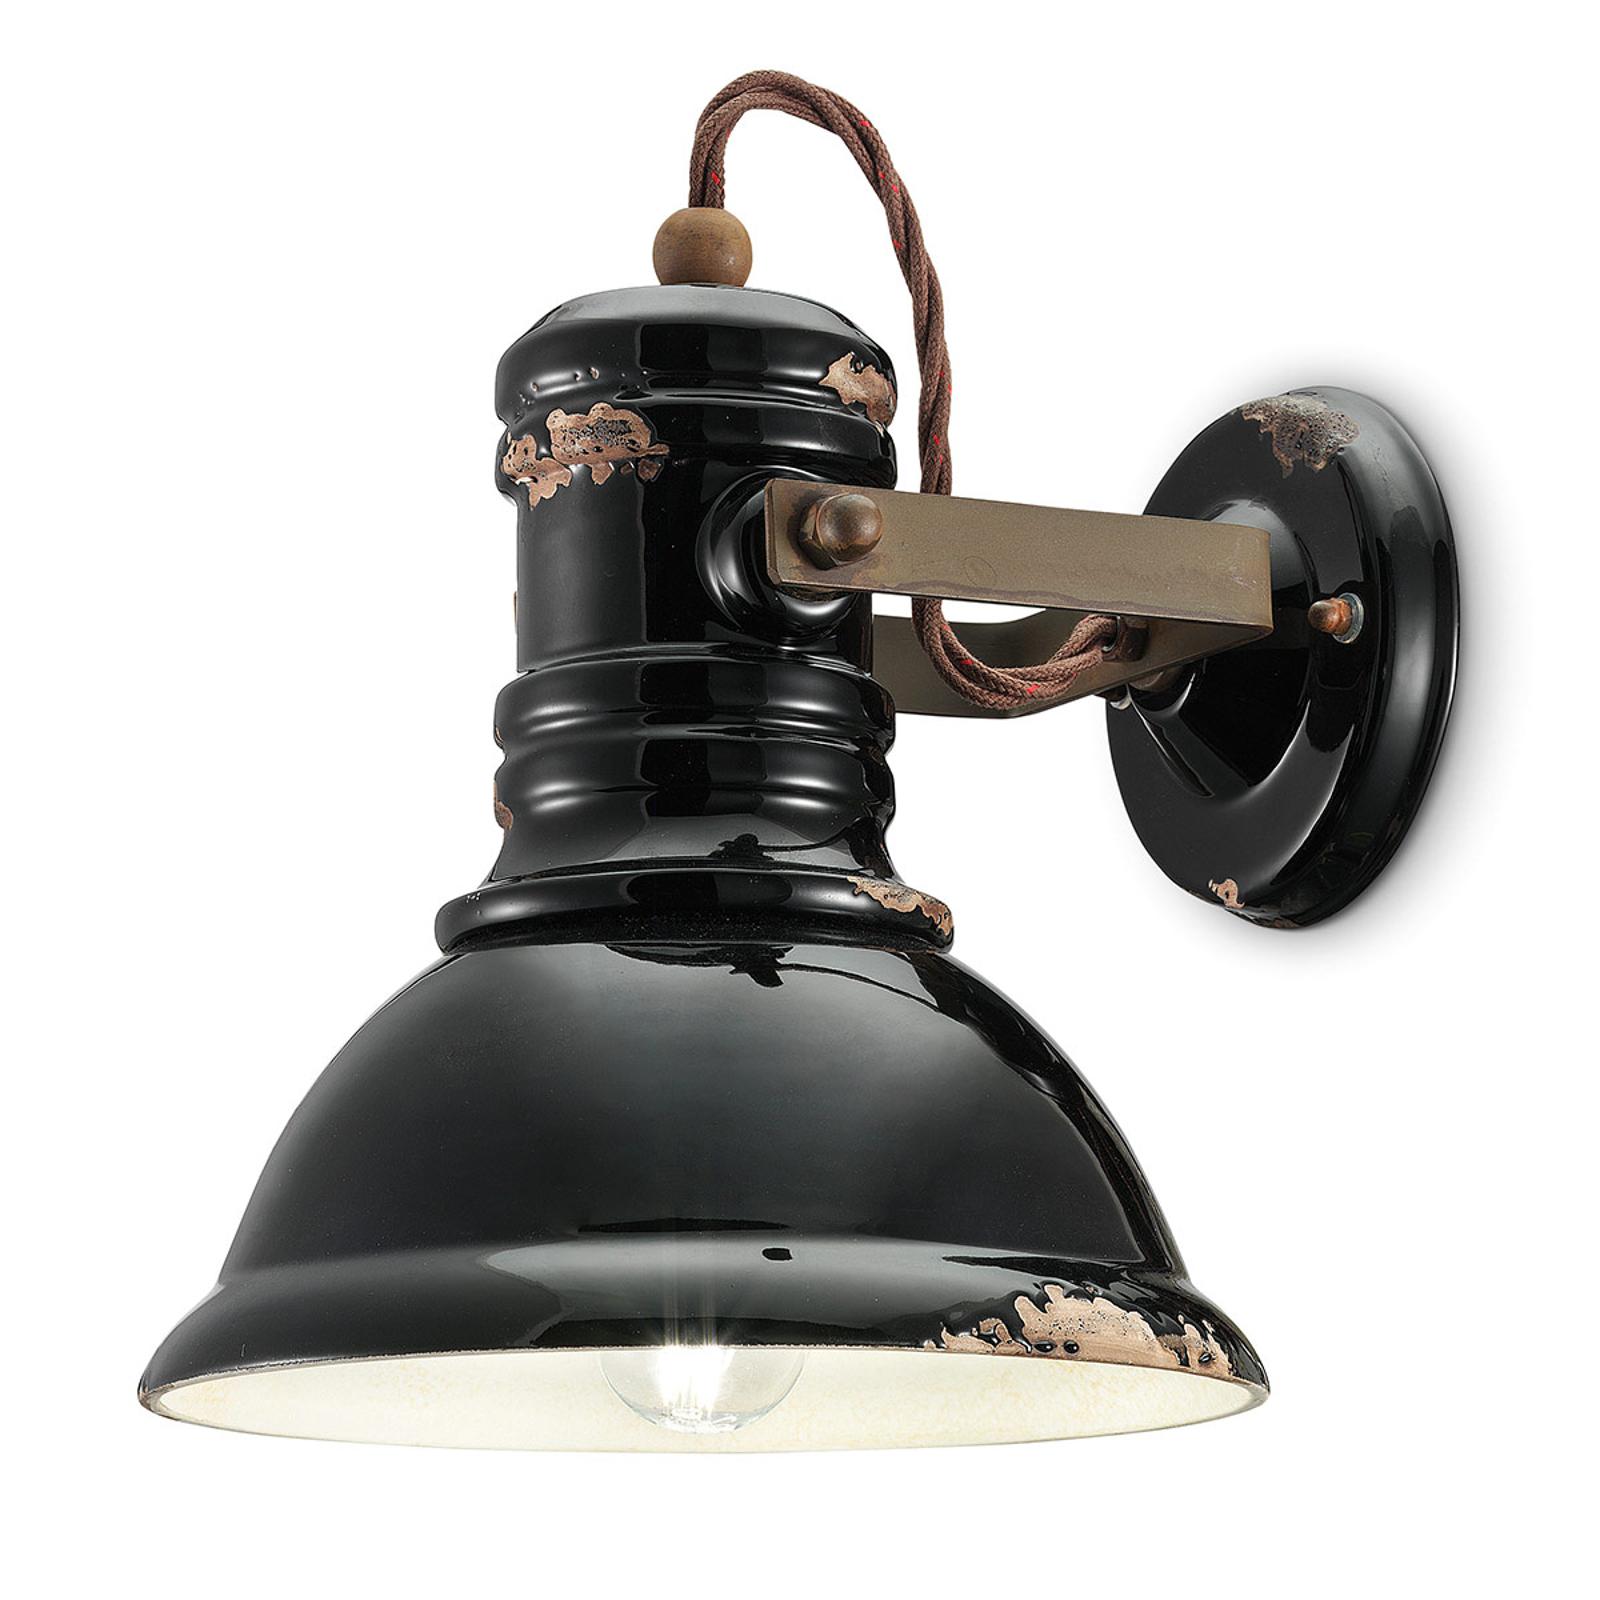 Keramické nástěnné světlo C1693 industriální černé